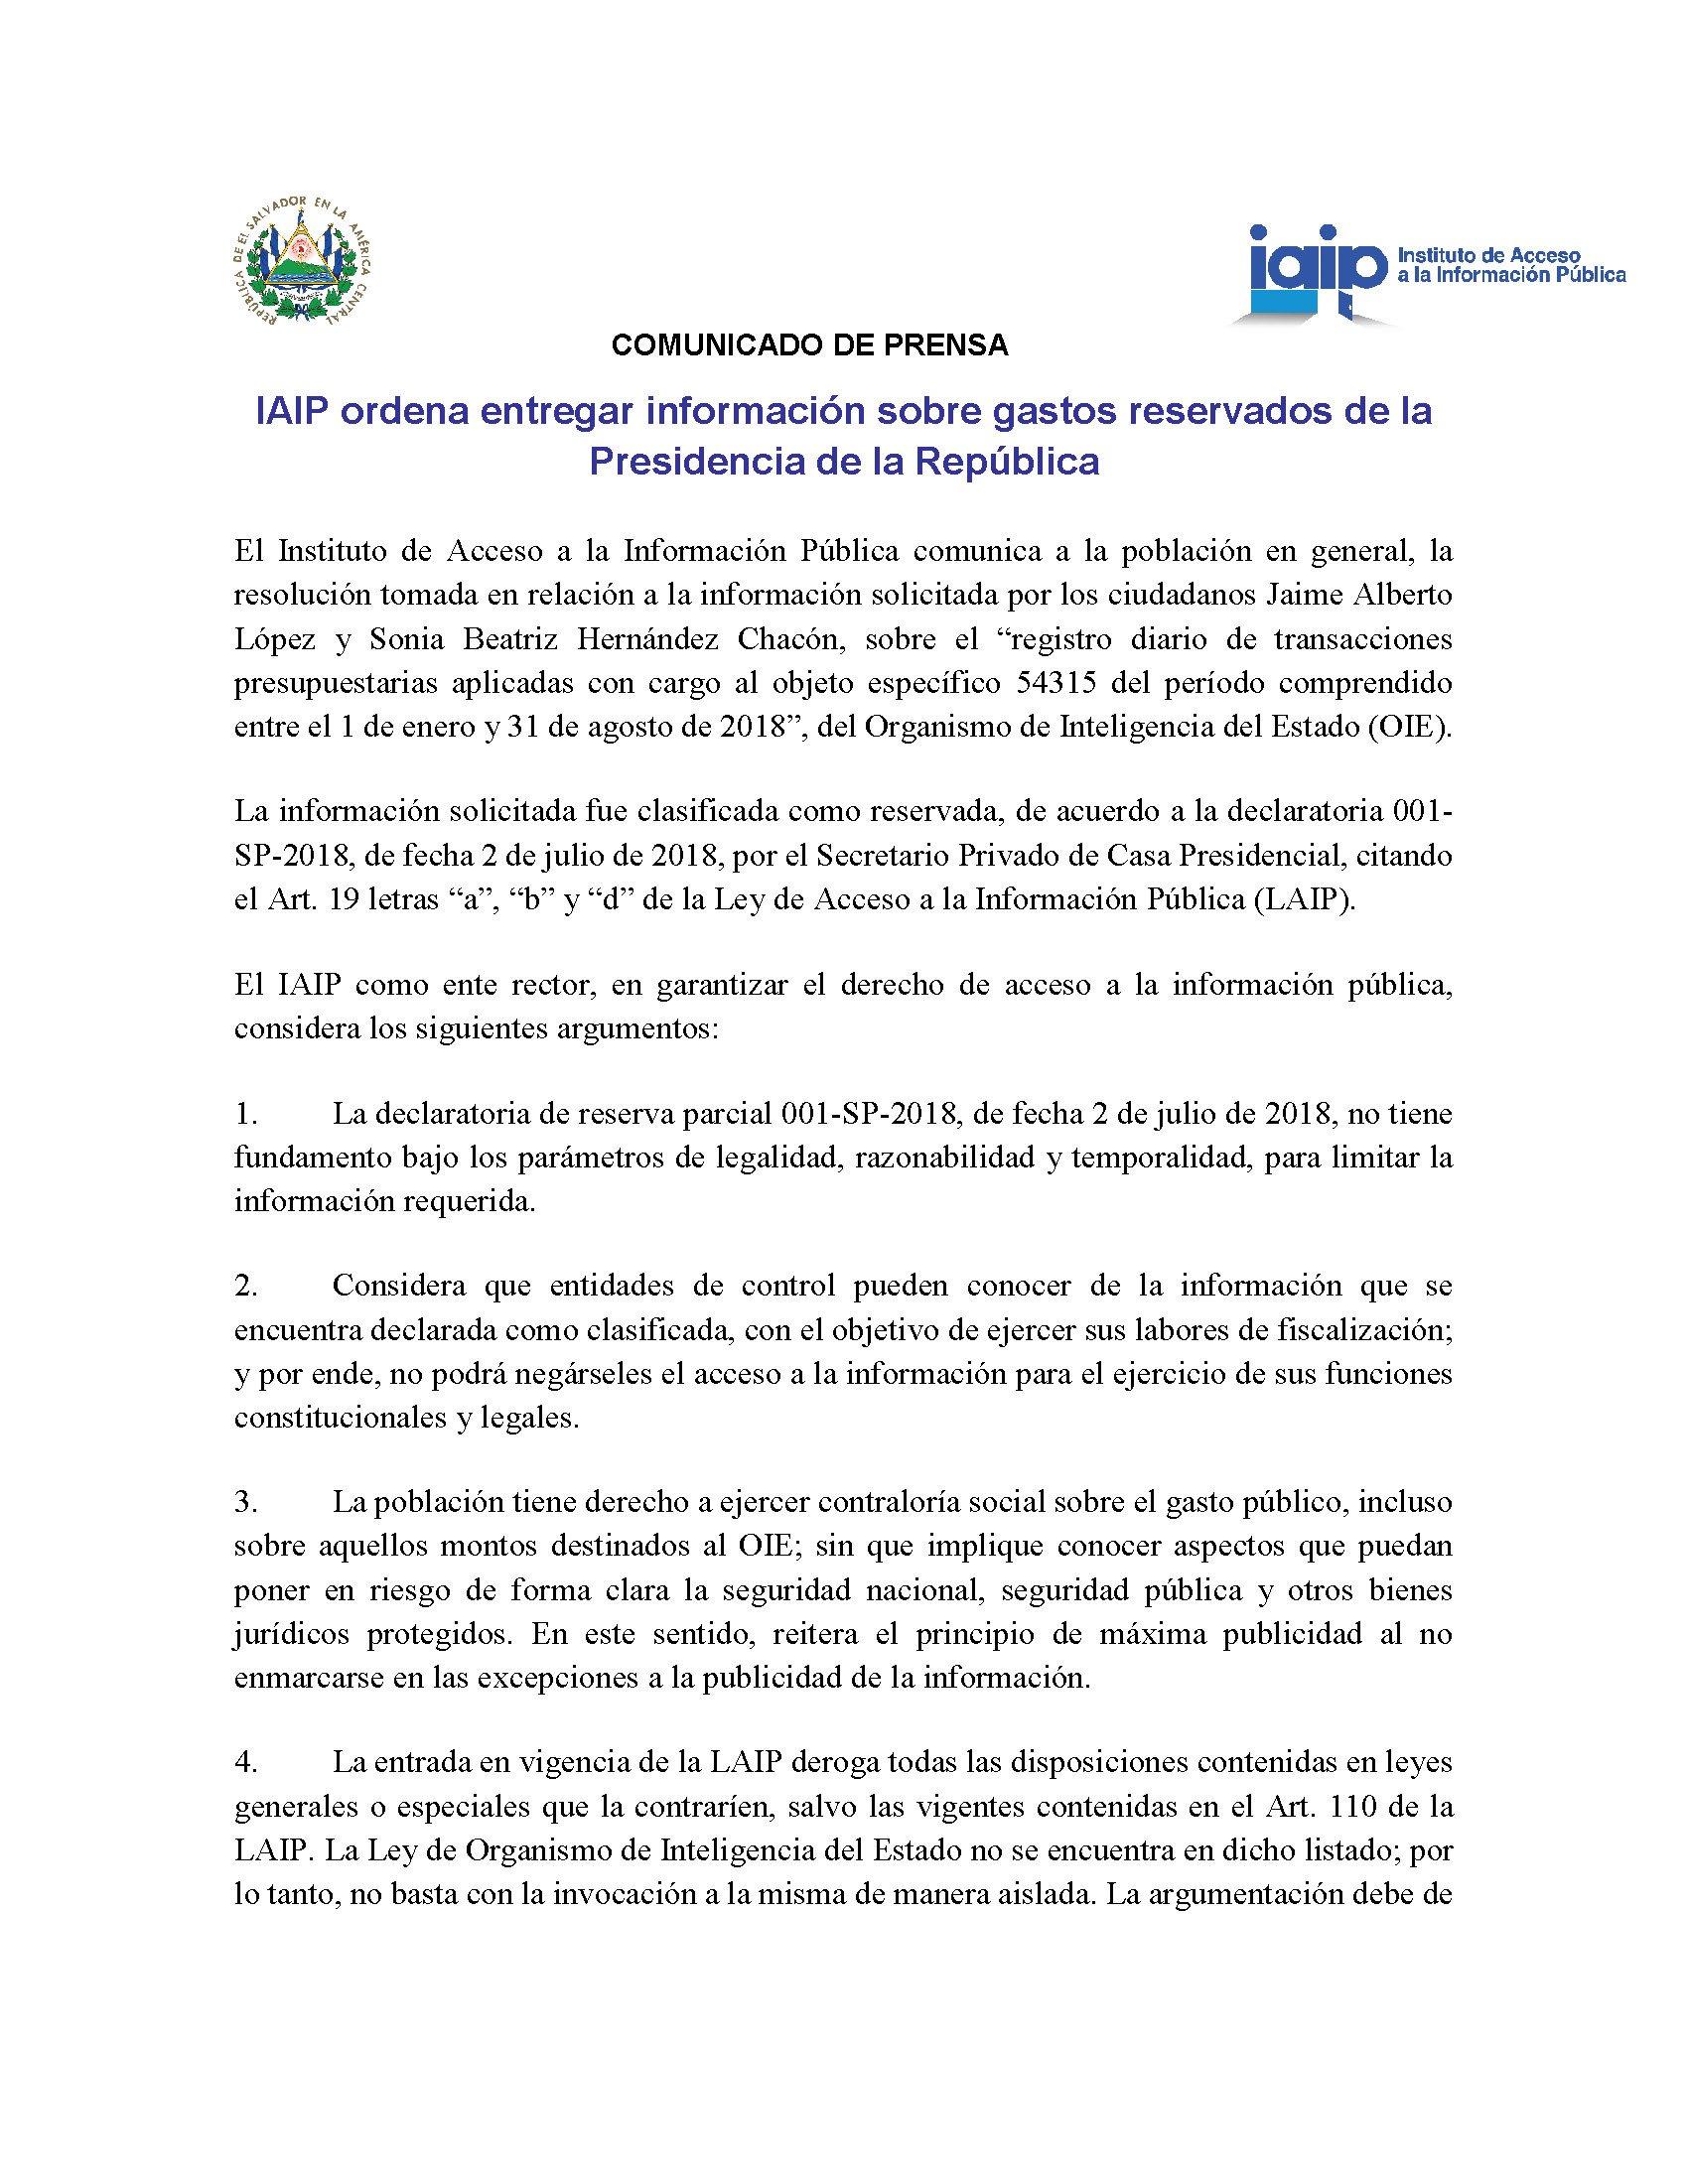 Comunicado resolución IAIP-OIE 1